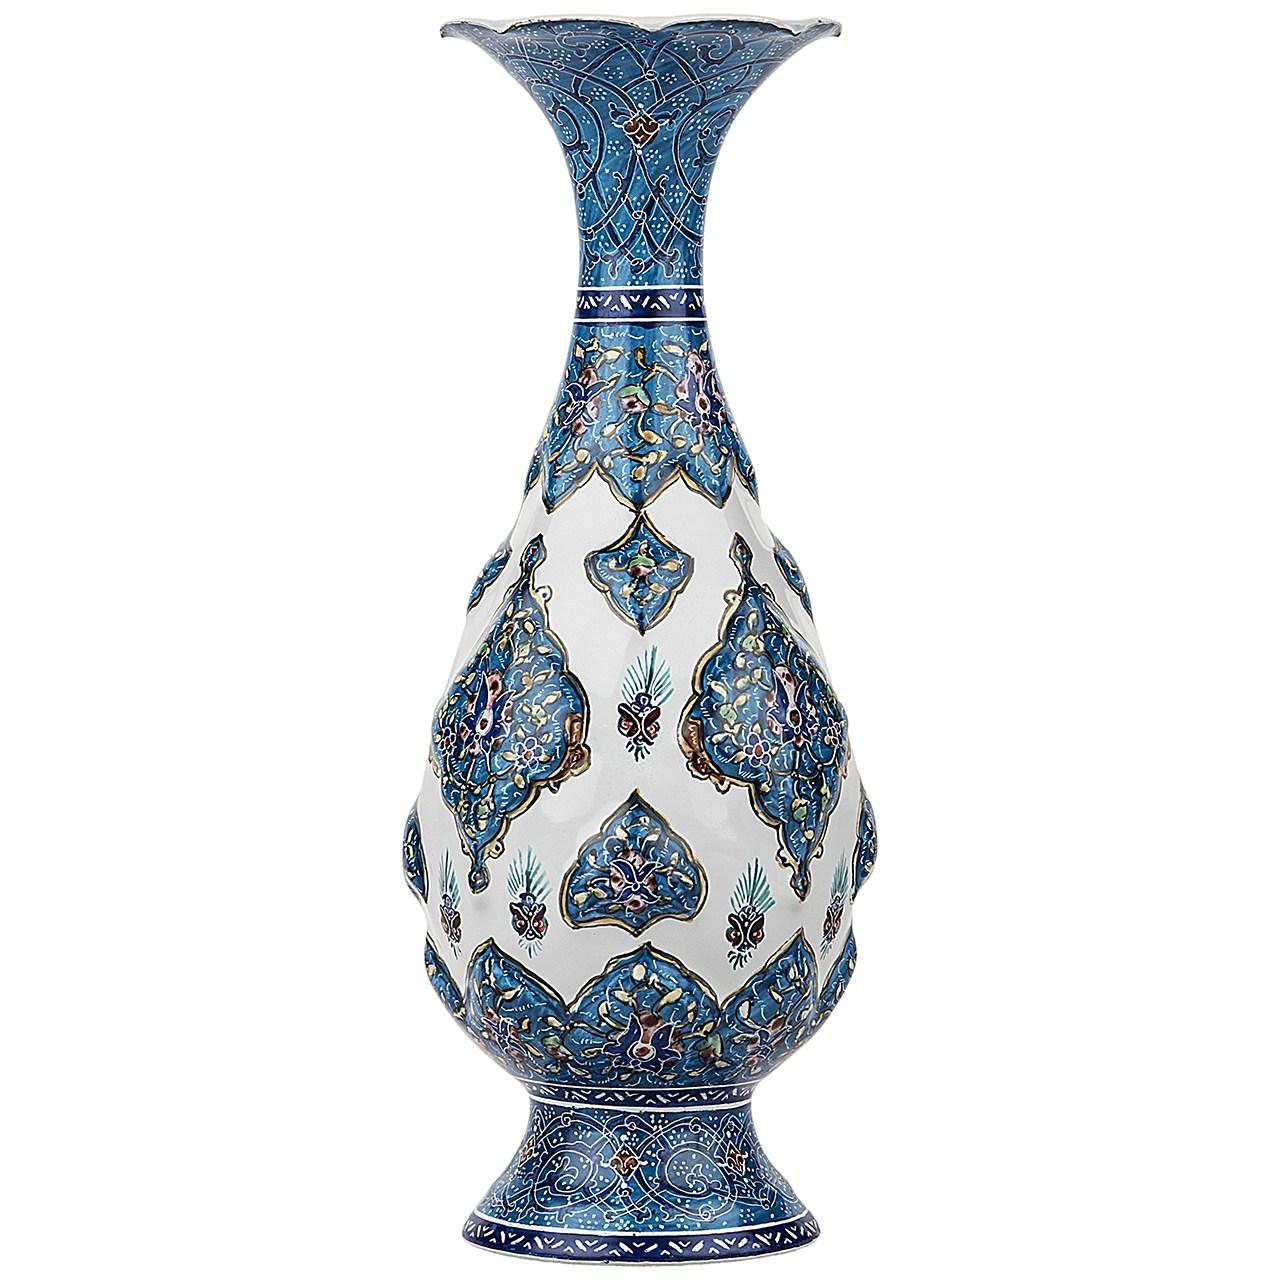 گلدان مسی میناکاری شده اثر اسماعیلی مدل صراحی طرح ترنج برجسته ارتفاع 20 سانتی متر